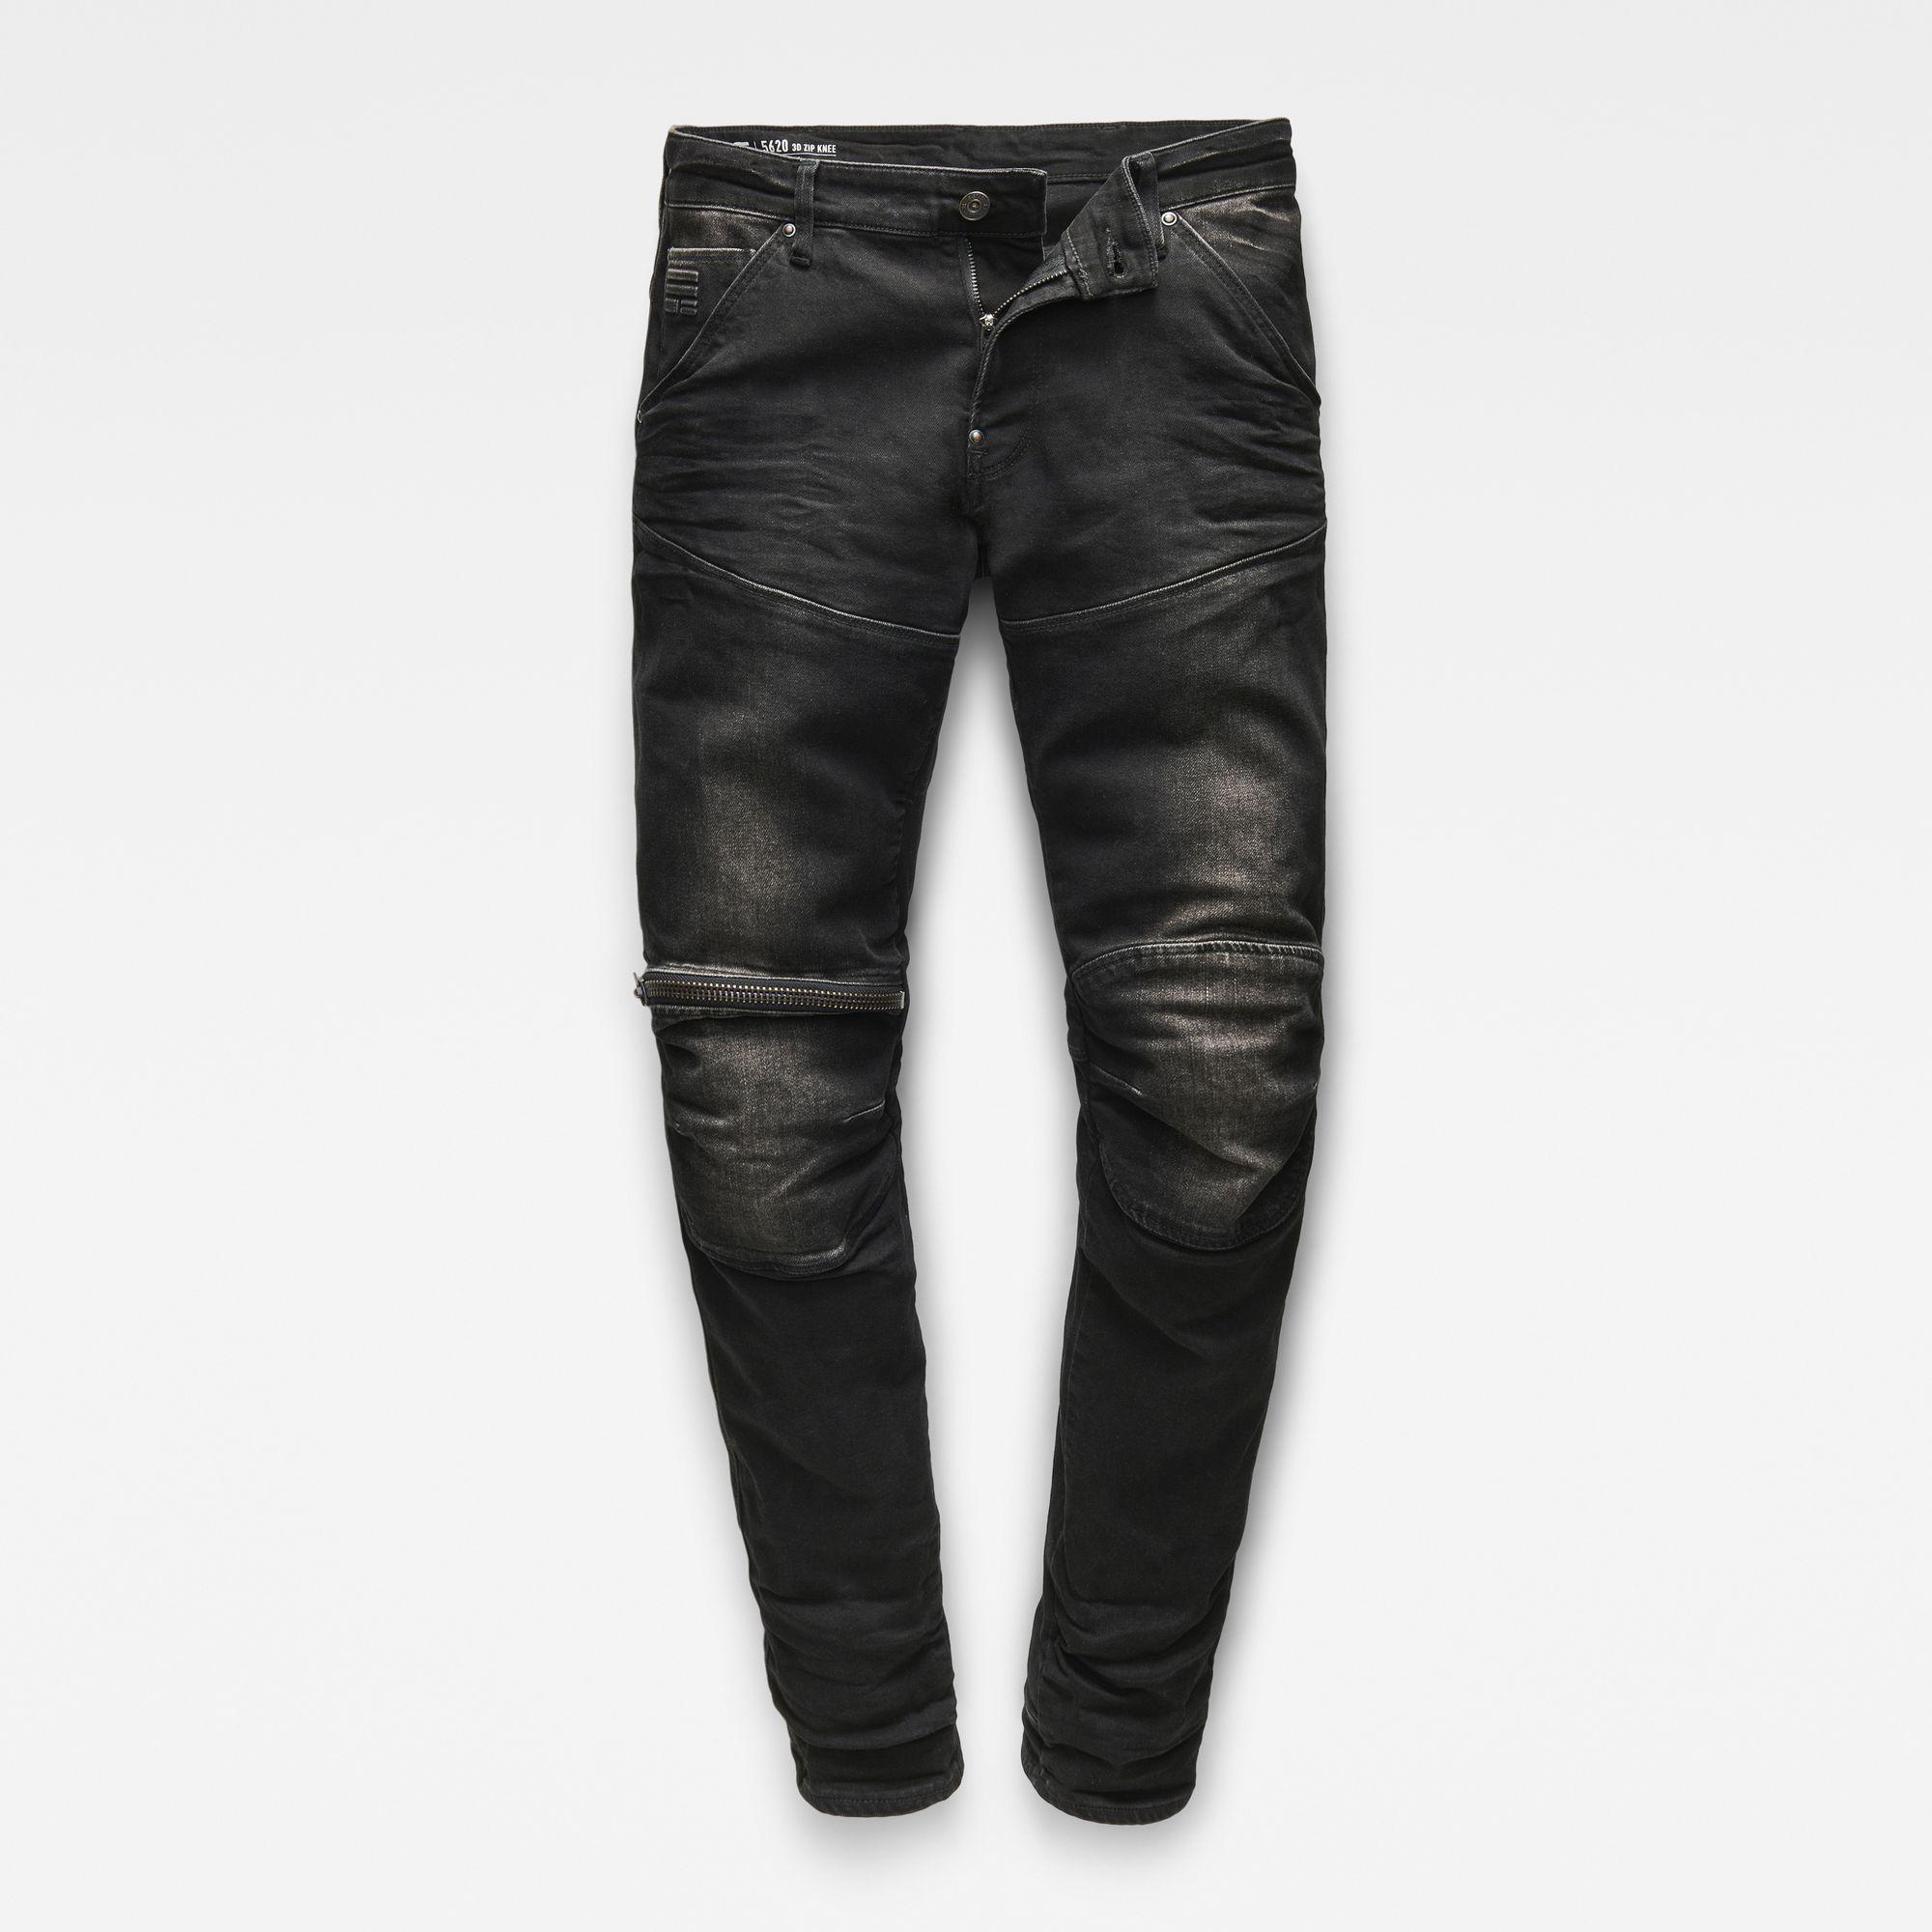 5620 G Star Elwood 3D Zip Knee Super Slim Jeans | Slim jeans